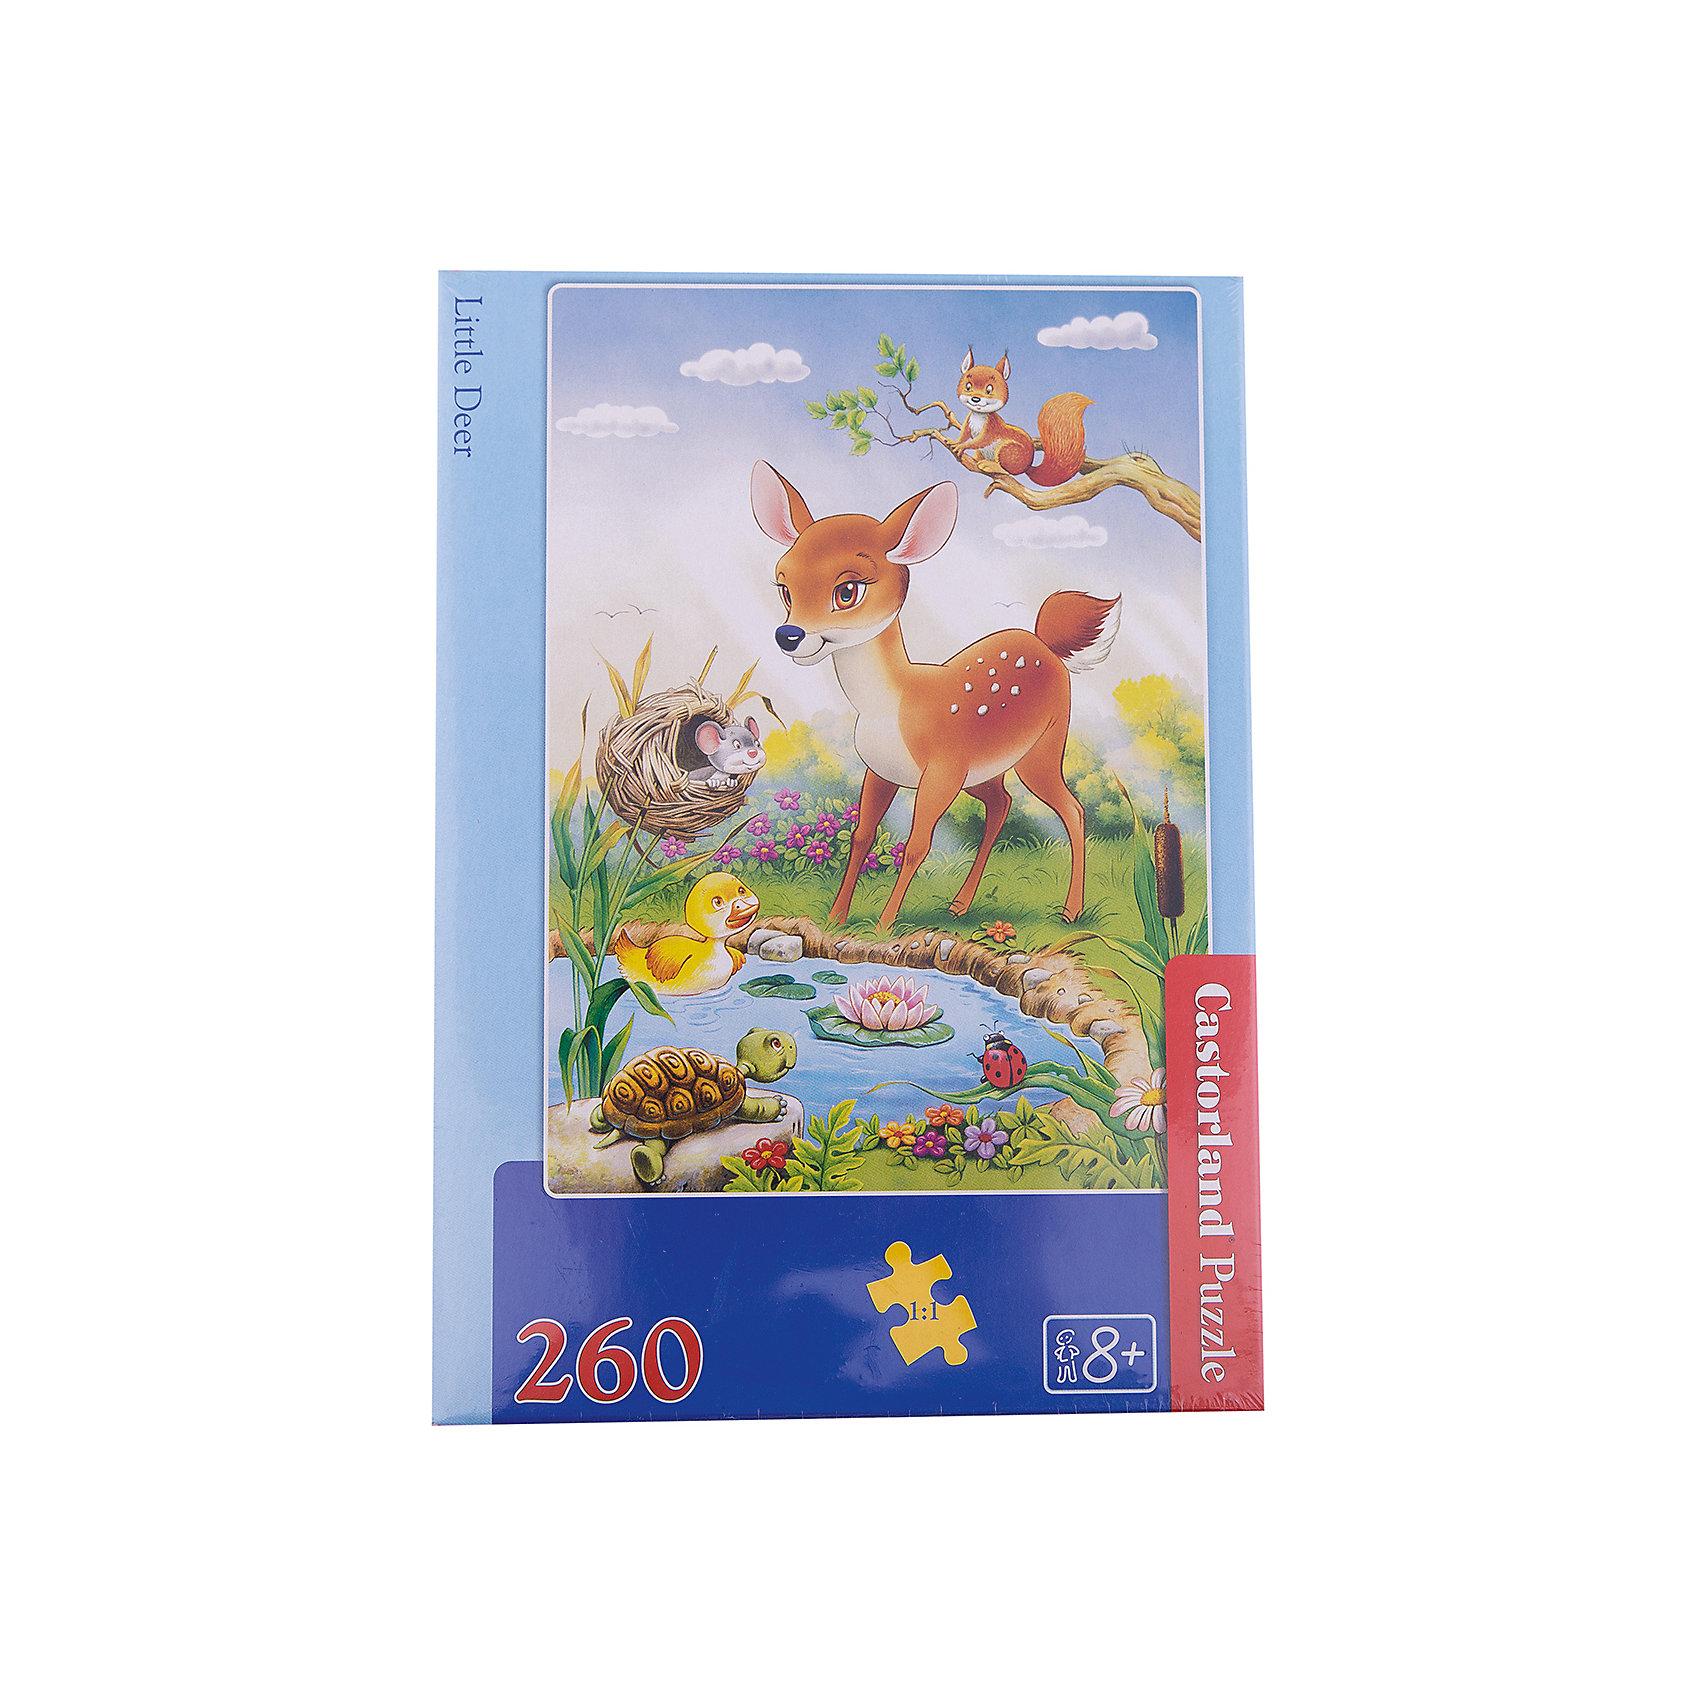 Пазл Бемби, 260 деталей, CastorlandКлассические пазлы<br>Пазл Бемби, 260 деталей, Castorland (Касторленд).<br><br>Дополнительная информация:<br><br>- Изображение: Олененок Бемби<br>- Количество деталей: 260<br>- Материал: плотный картон<br>- Размер собранного пазла:  320x230 мм<br>- Размер коробки: 275x190x37 мм <br>- Вес: 300 г.<br><br>Пазл Бемби, 260 деталей, Castorland (Касторленд) можно купить в нашем интернет-магазине.<br><br>Ширина мм: 180<br>Глубина мм: 130<br>Высота мм: 40<br>Вес г: 300<br>Возраст от месяцев: 60<br>Возраст до месяцев: 168<br>Пол: Унисекс<br>Возраст: Детский<br>Количество деталей: 260<br>SKU: 2328180